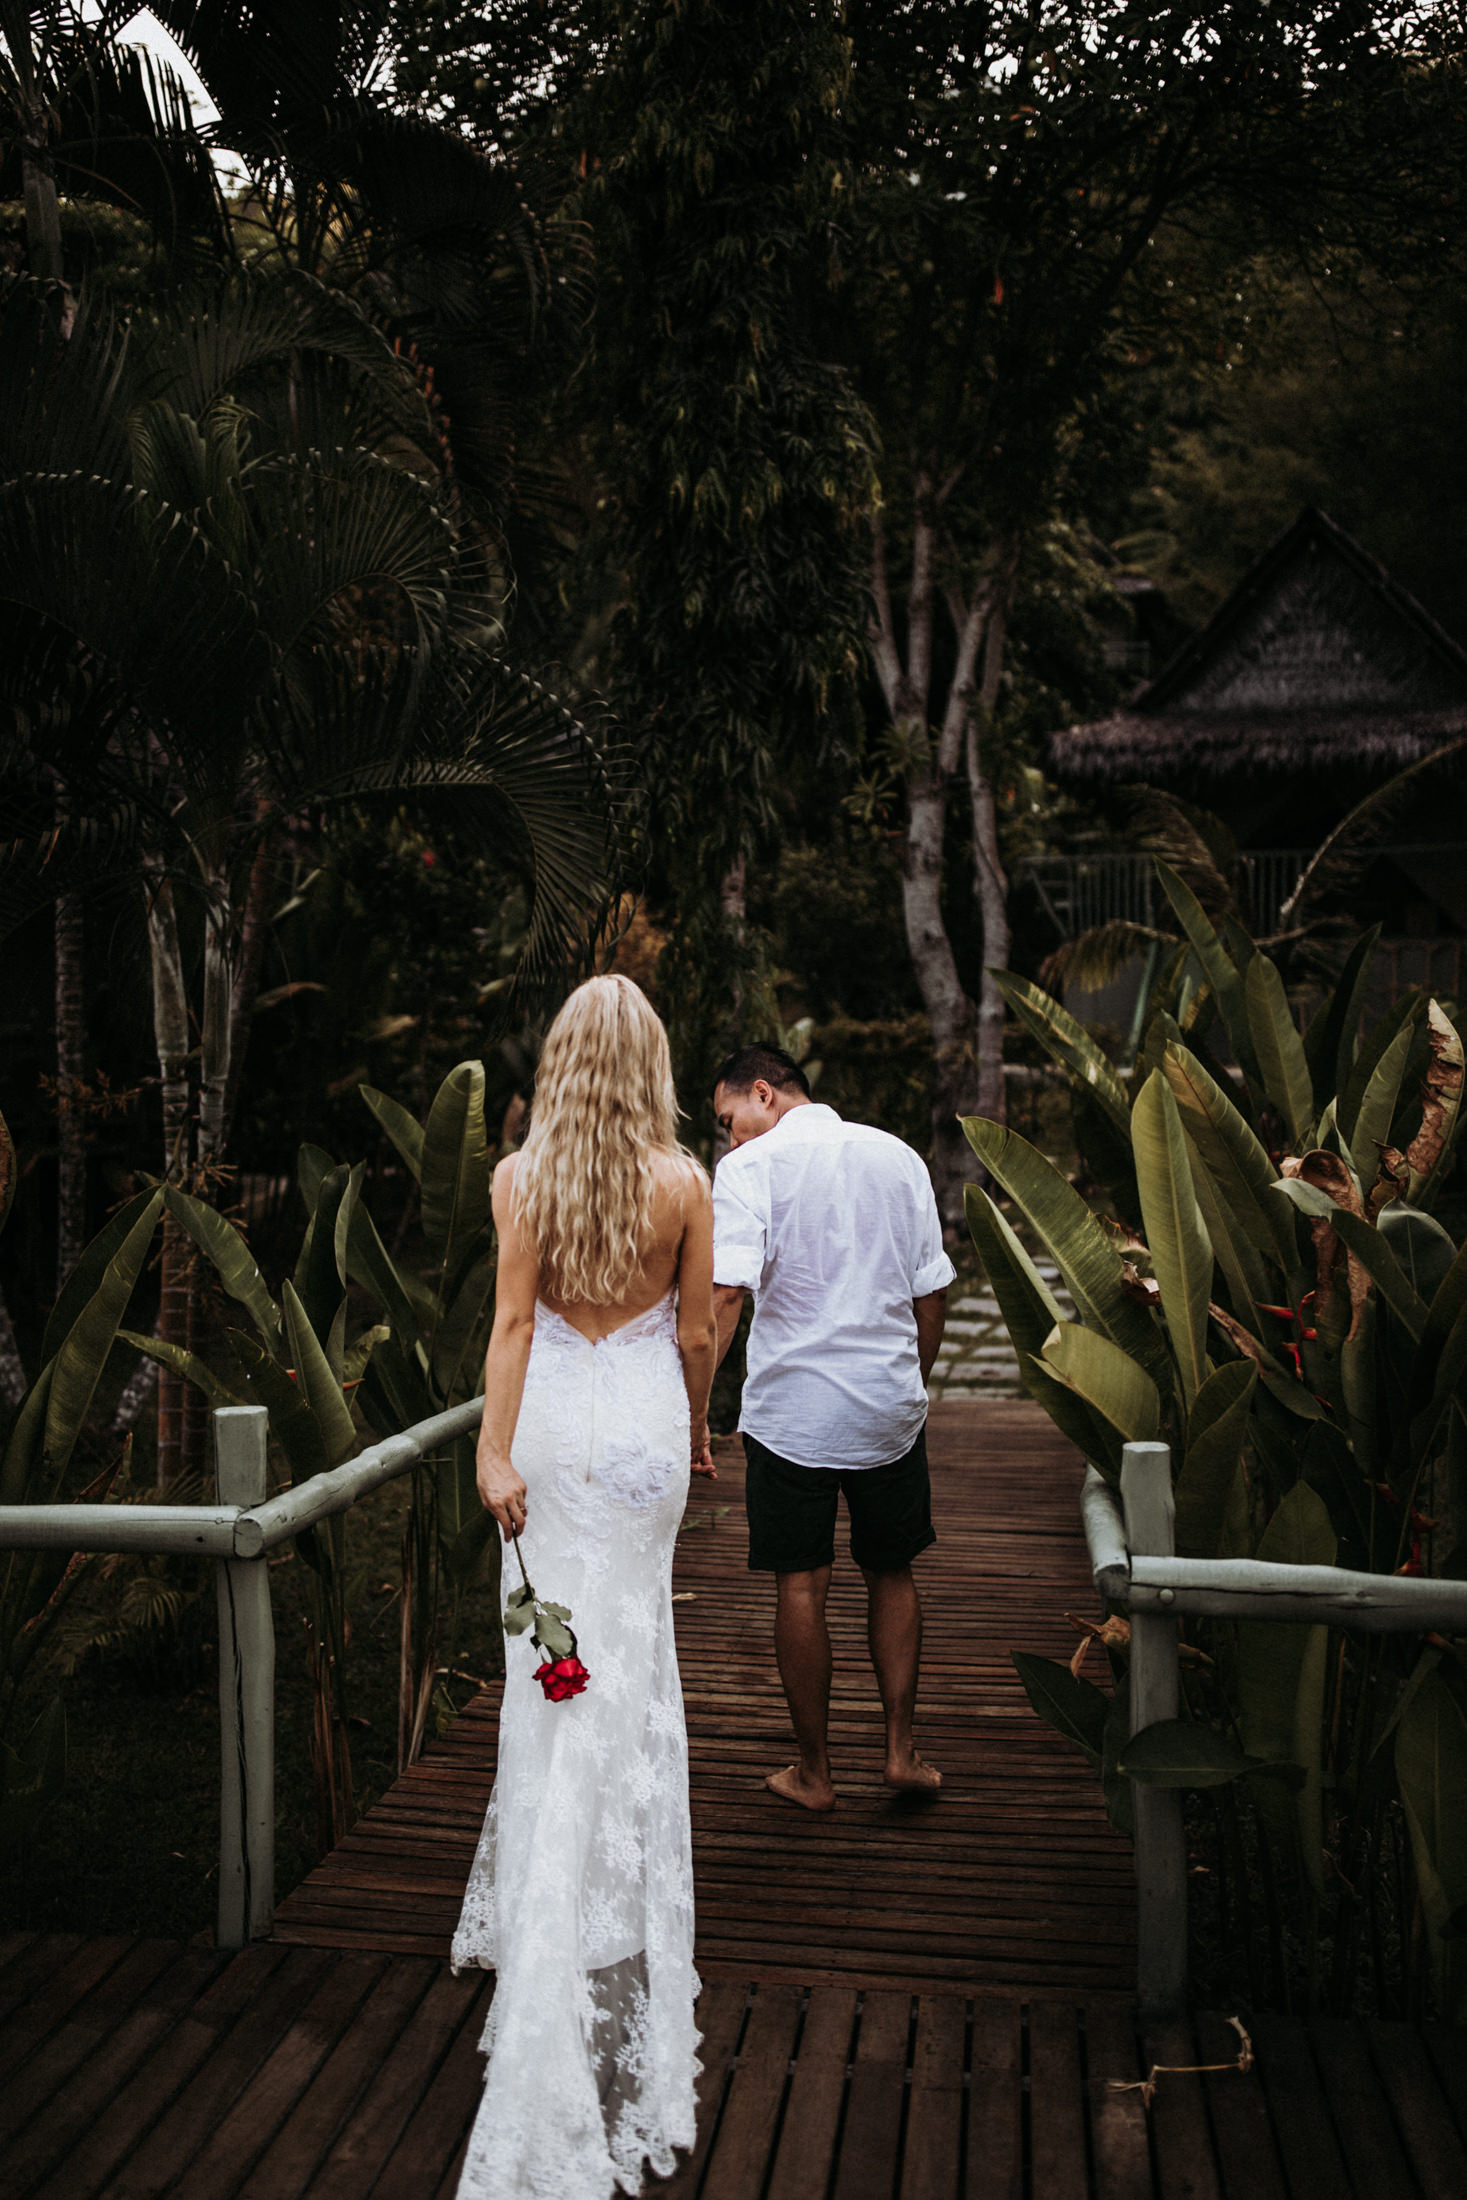 DanielaMarquardt_Wedding_Thailand_485